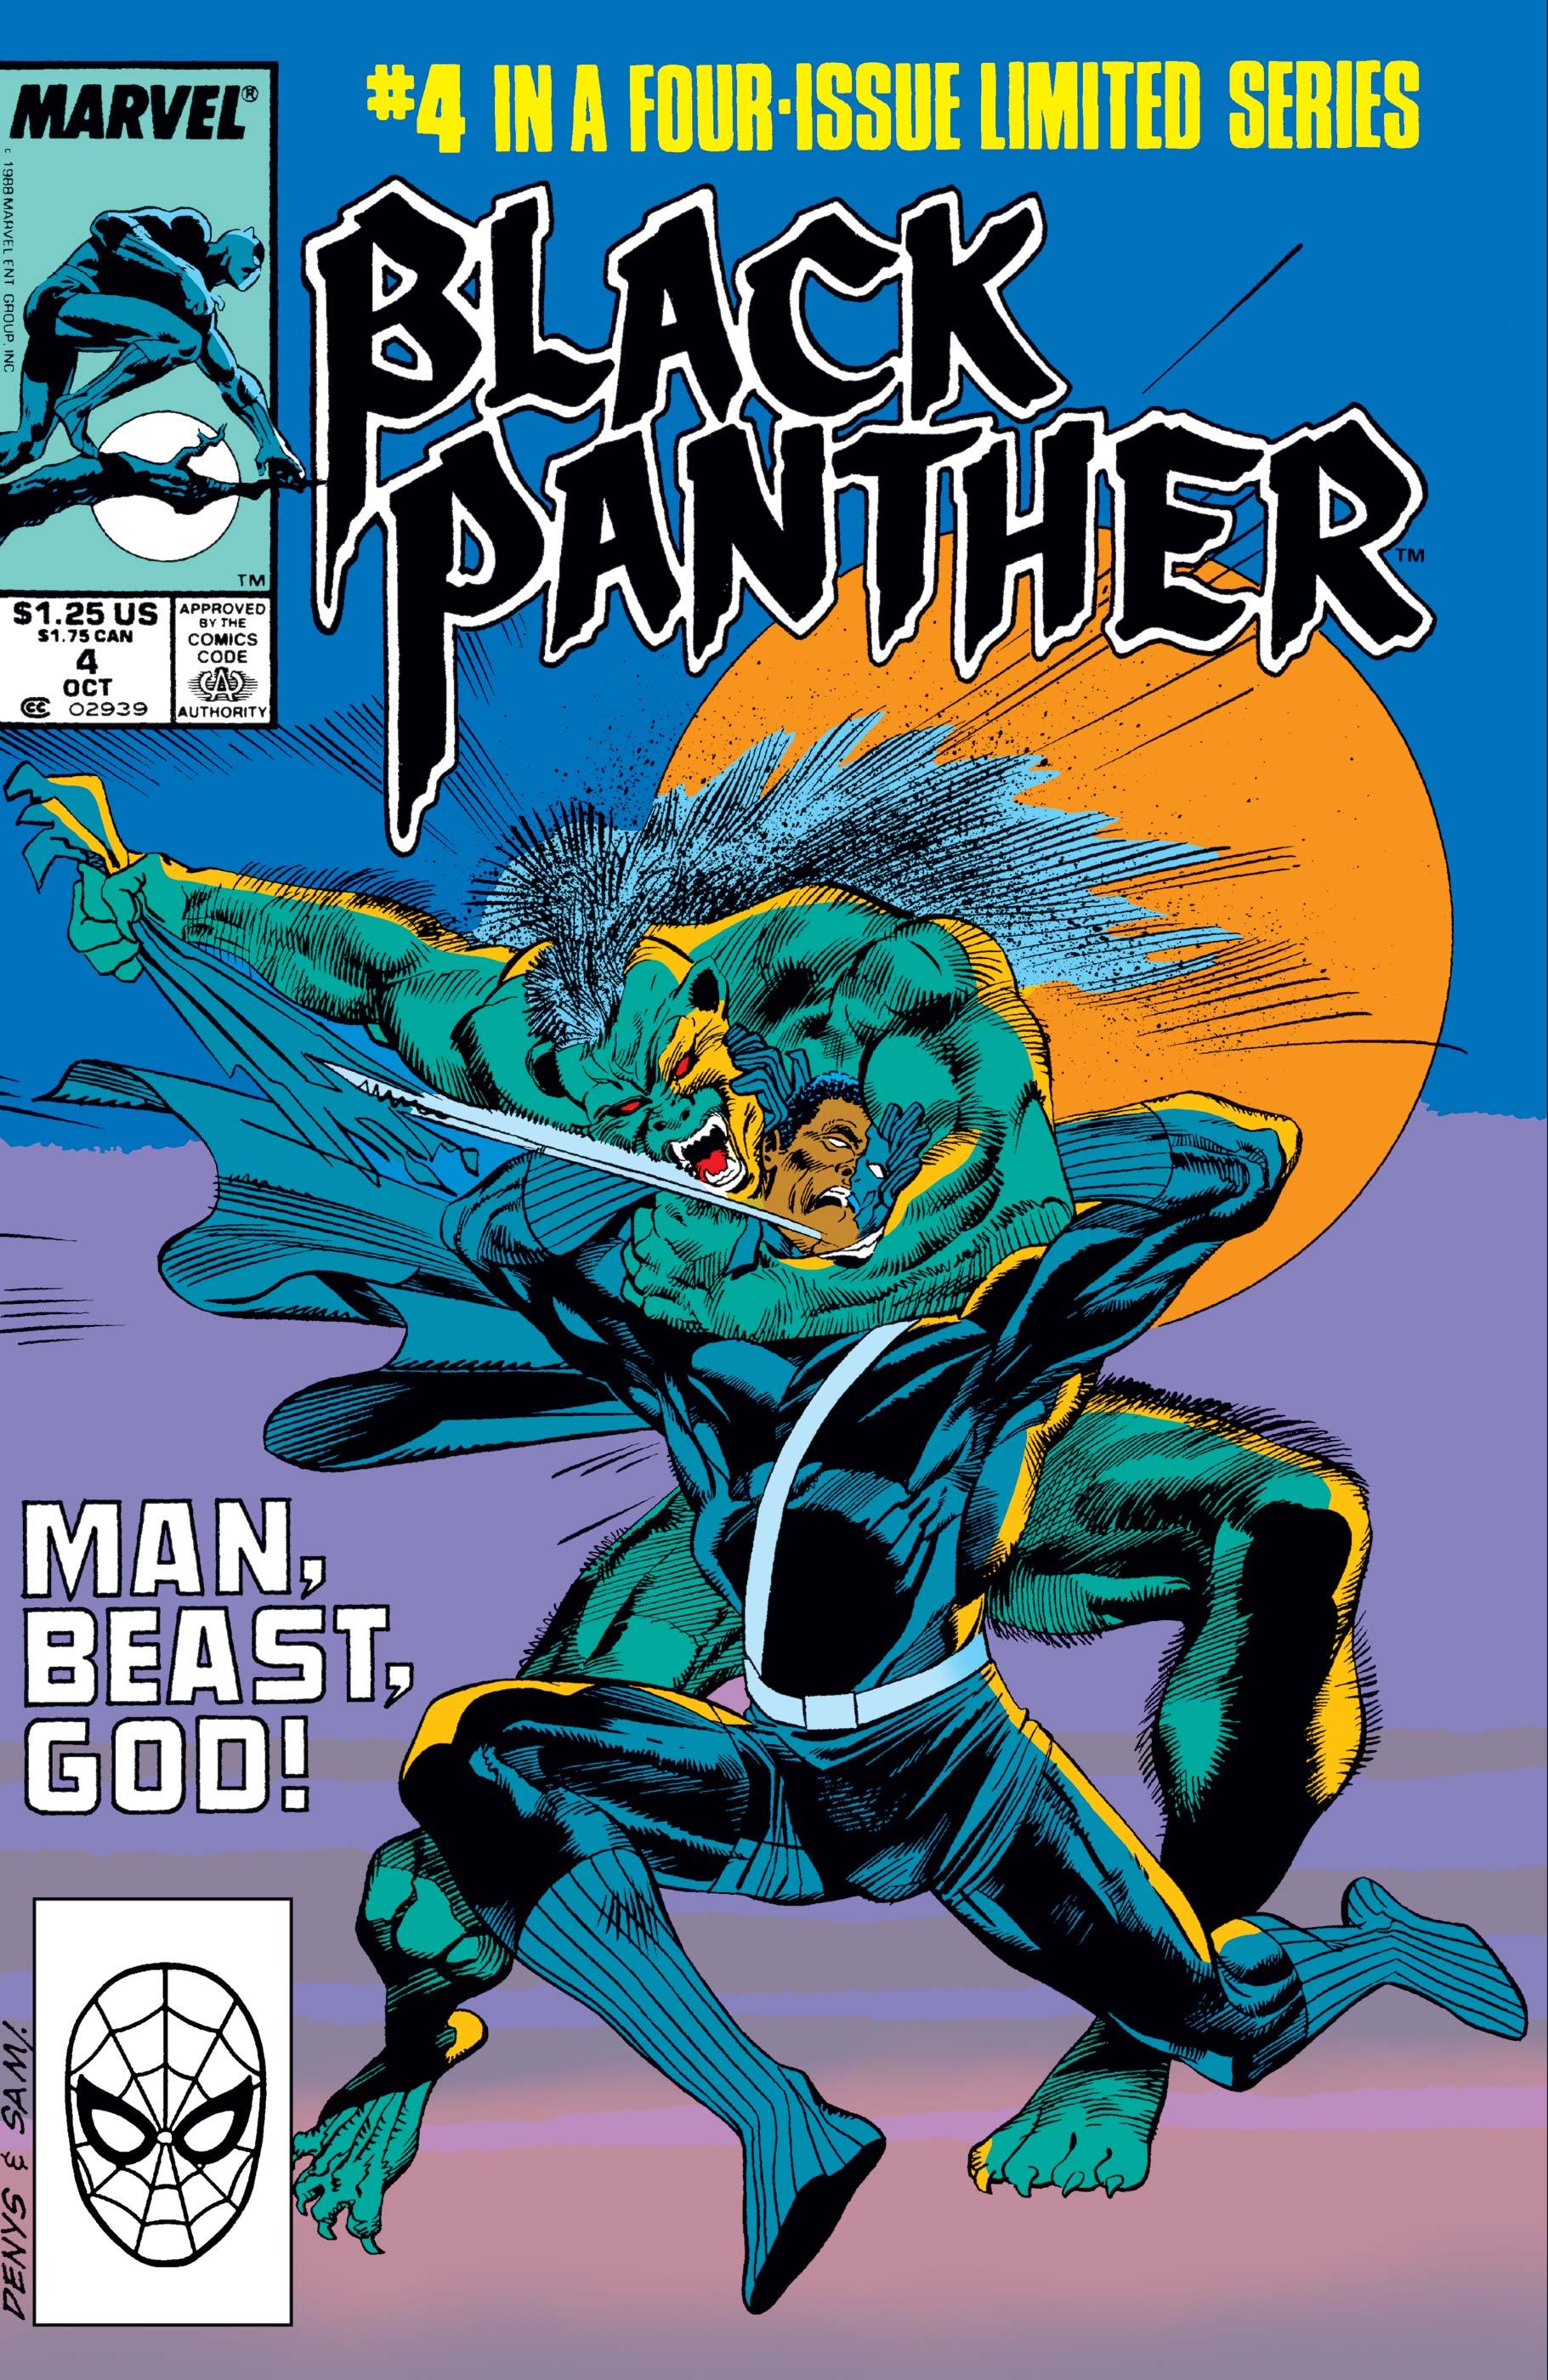 Black Panther (1988) #4